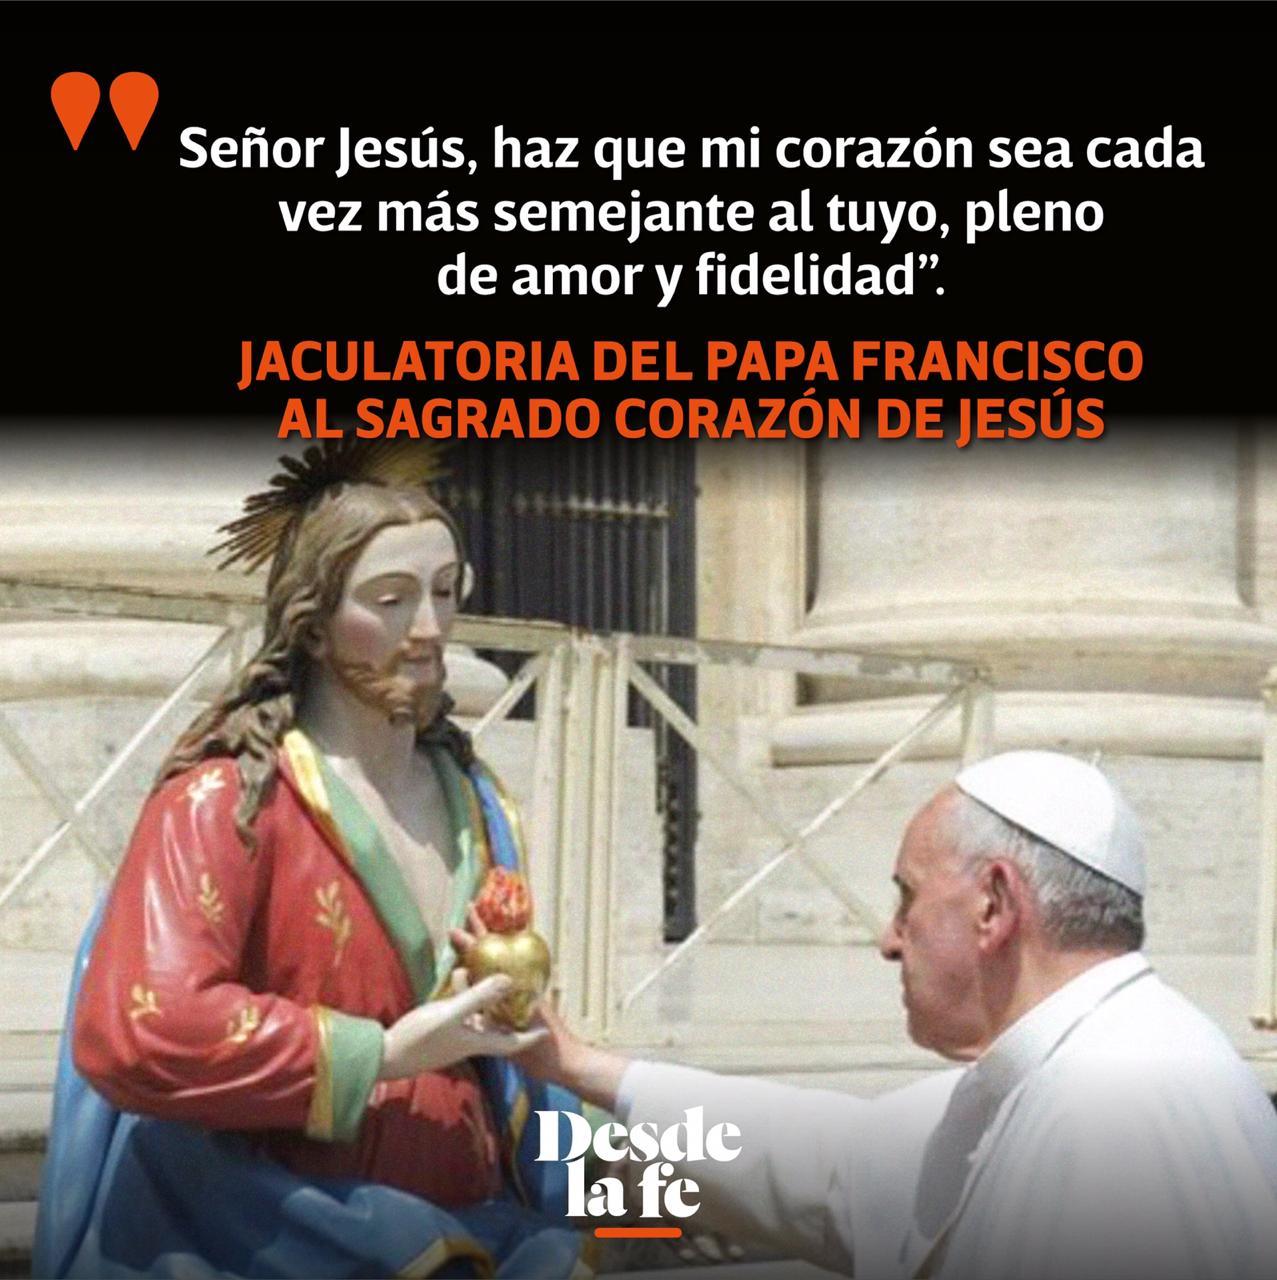 Jaculatoria del Papa Francisco al Sagrado Corazón de Jesús.